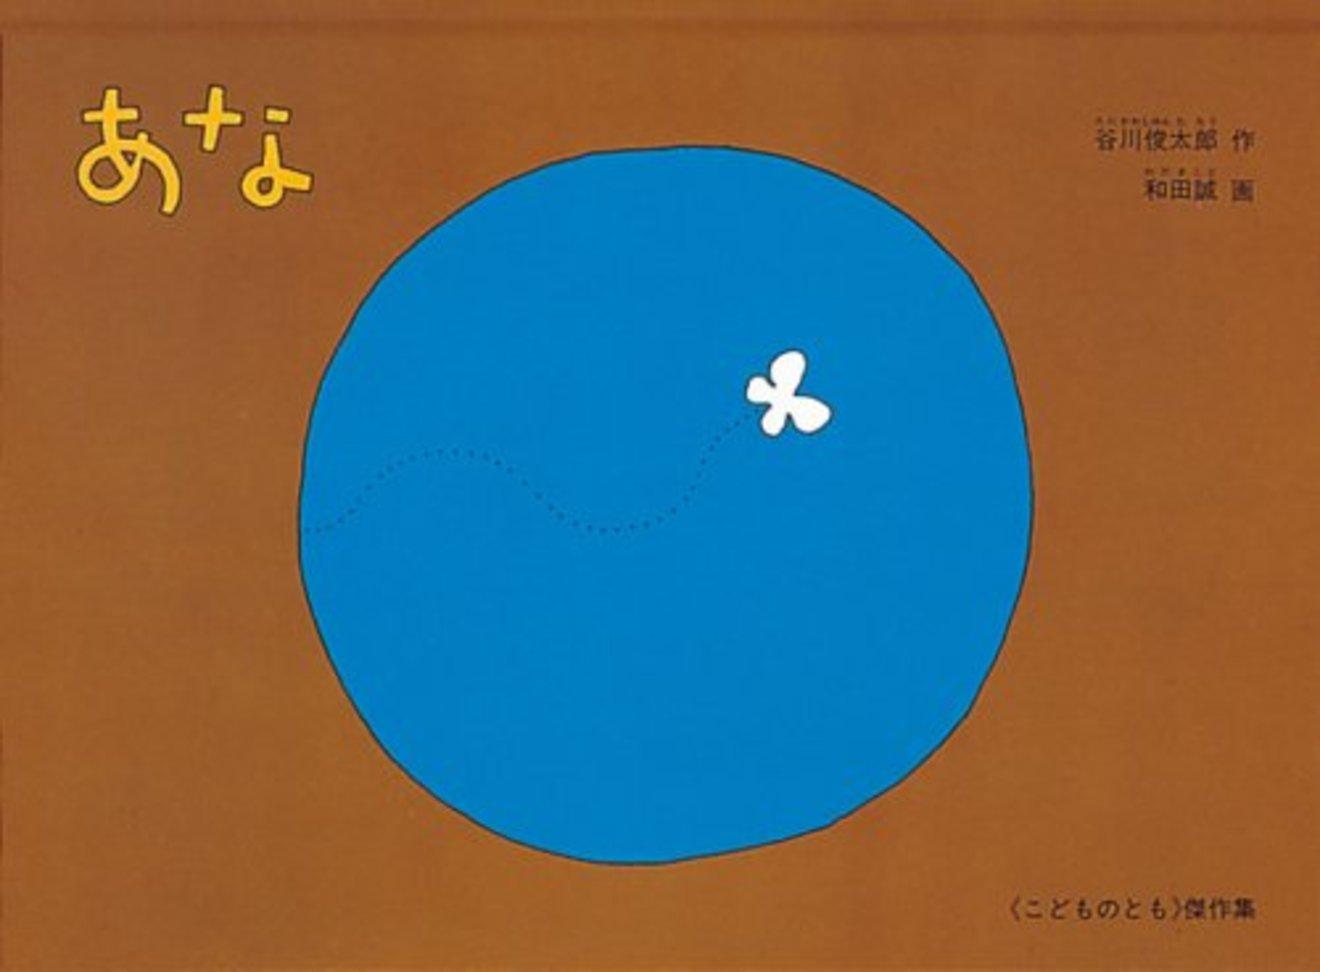 和田誠がイラストを描くおすすめ絵本5選本の装画を多数手掛ける作家